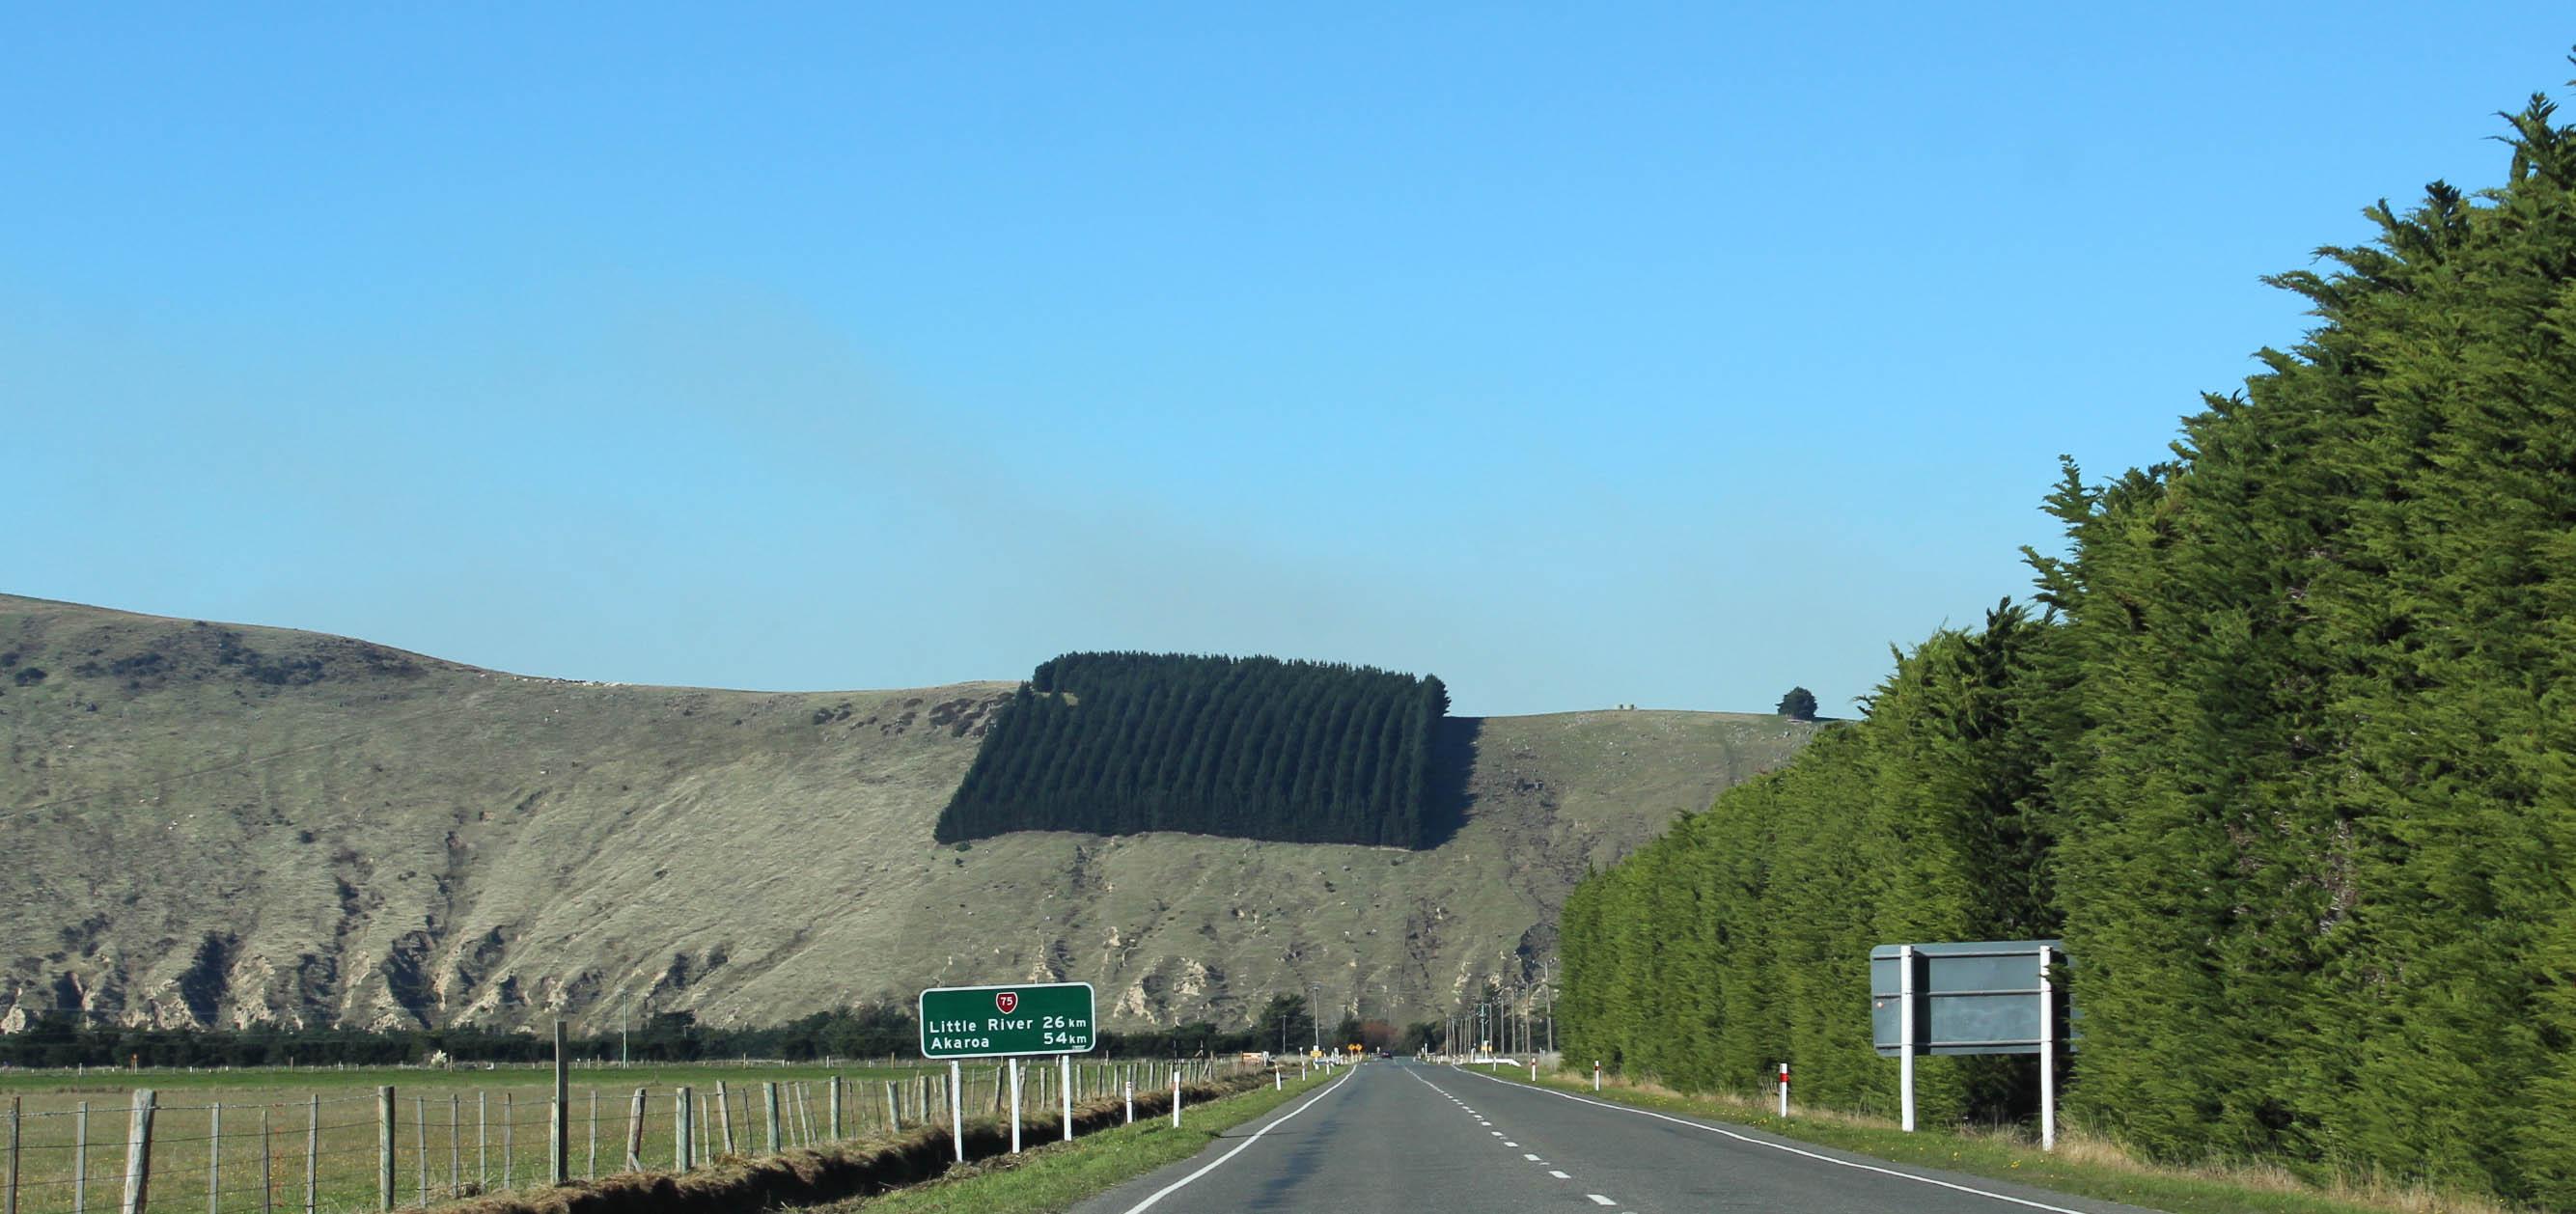 Nouvelle Zélande - Arthur's pass & Akaroa - les lubies de louise (18 sur 46)